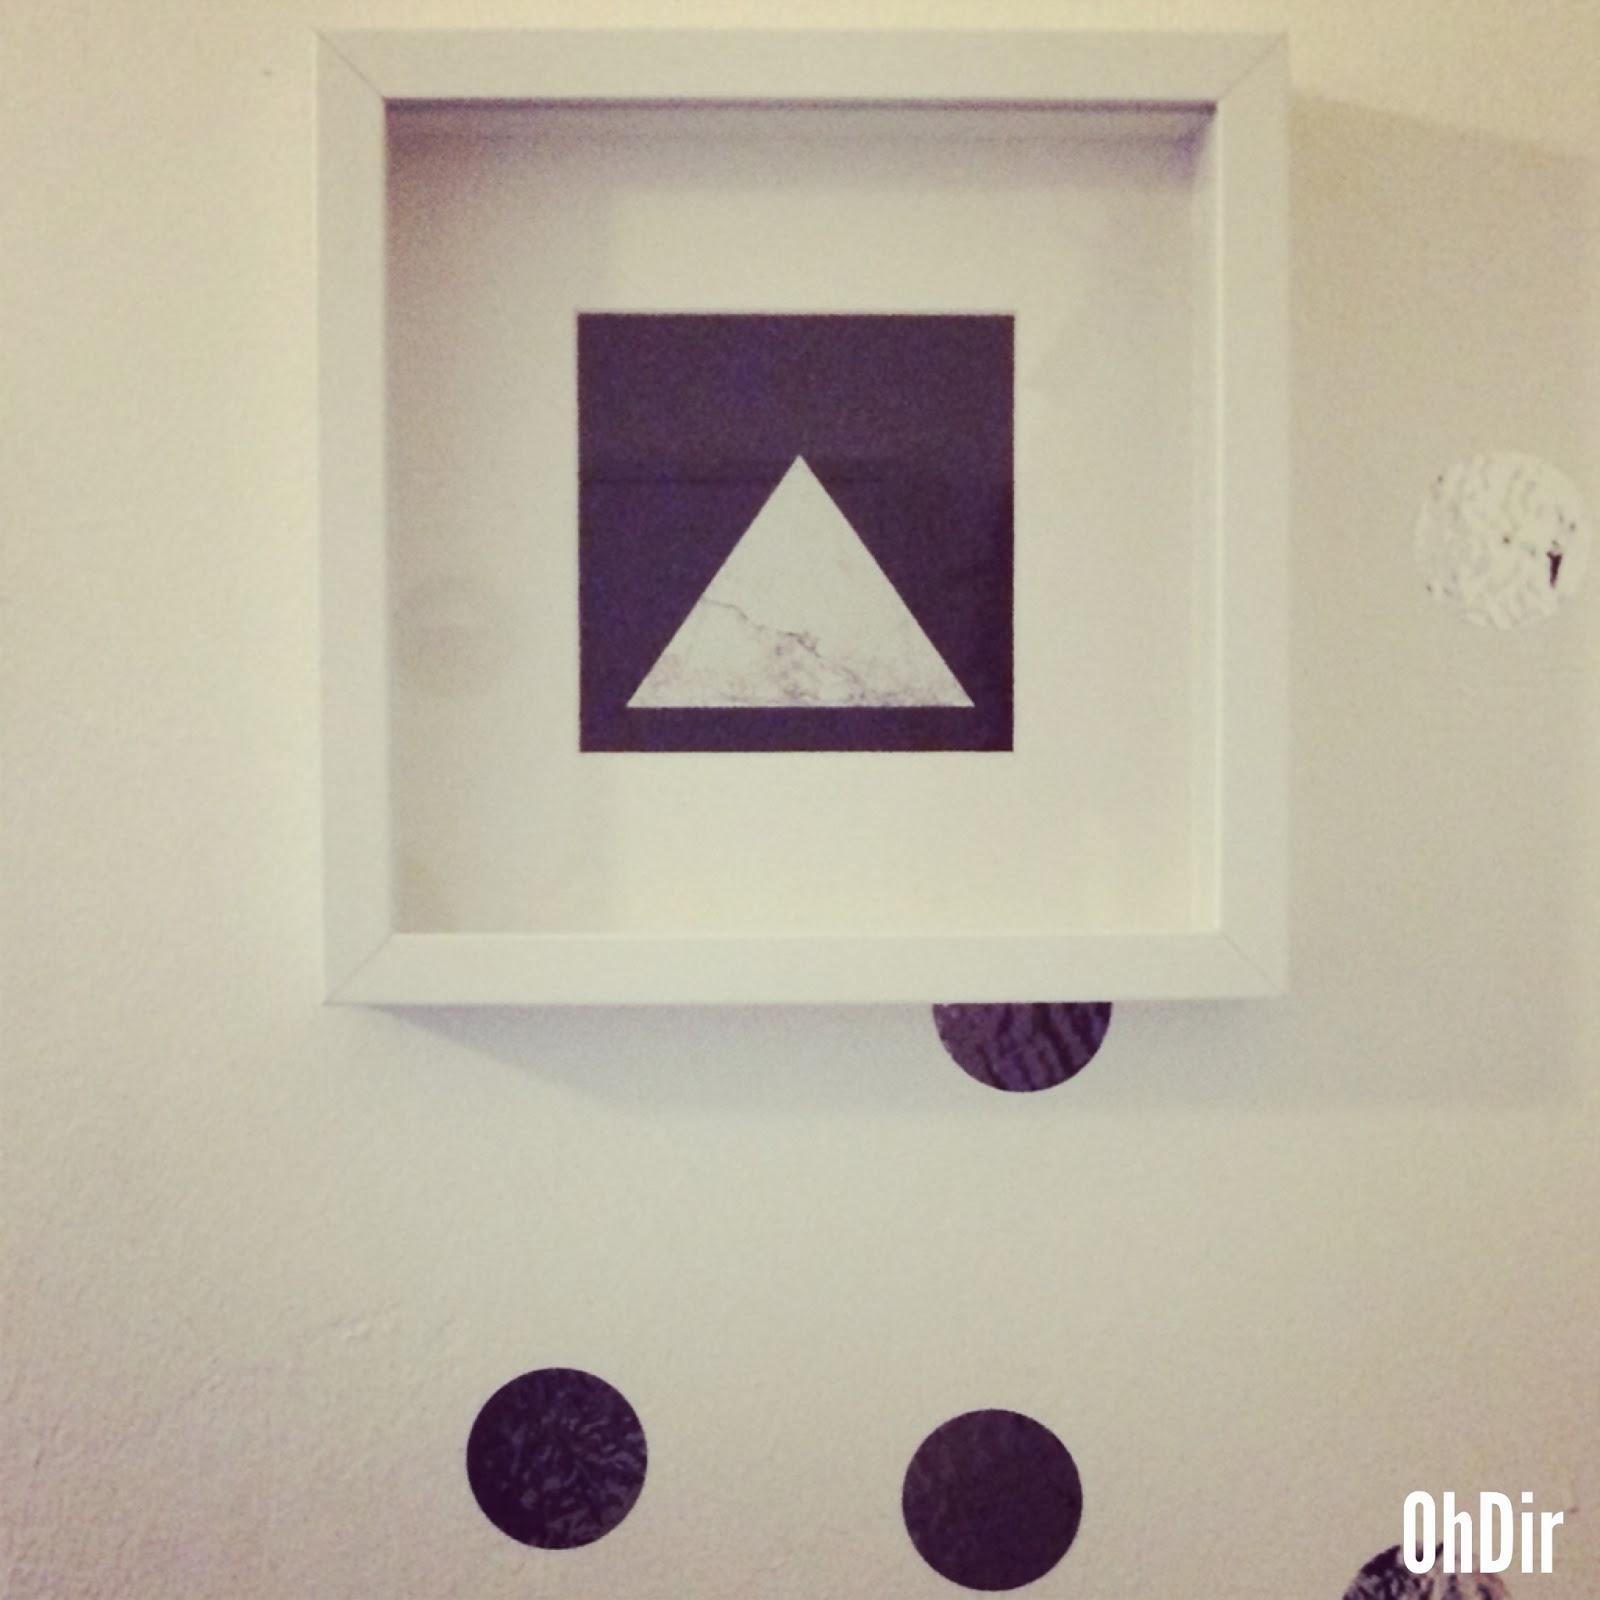 silberne bilderrahmen ikea bilderrahmen ideen. Black Bedroom Furniture Sets. Home Design Ideas